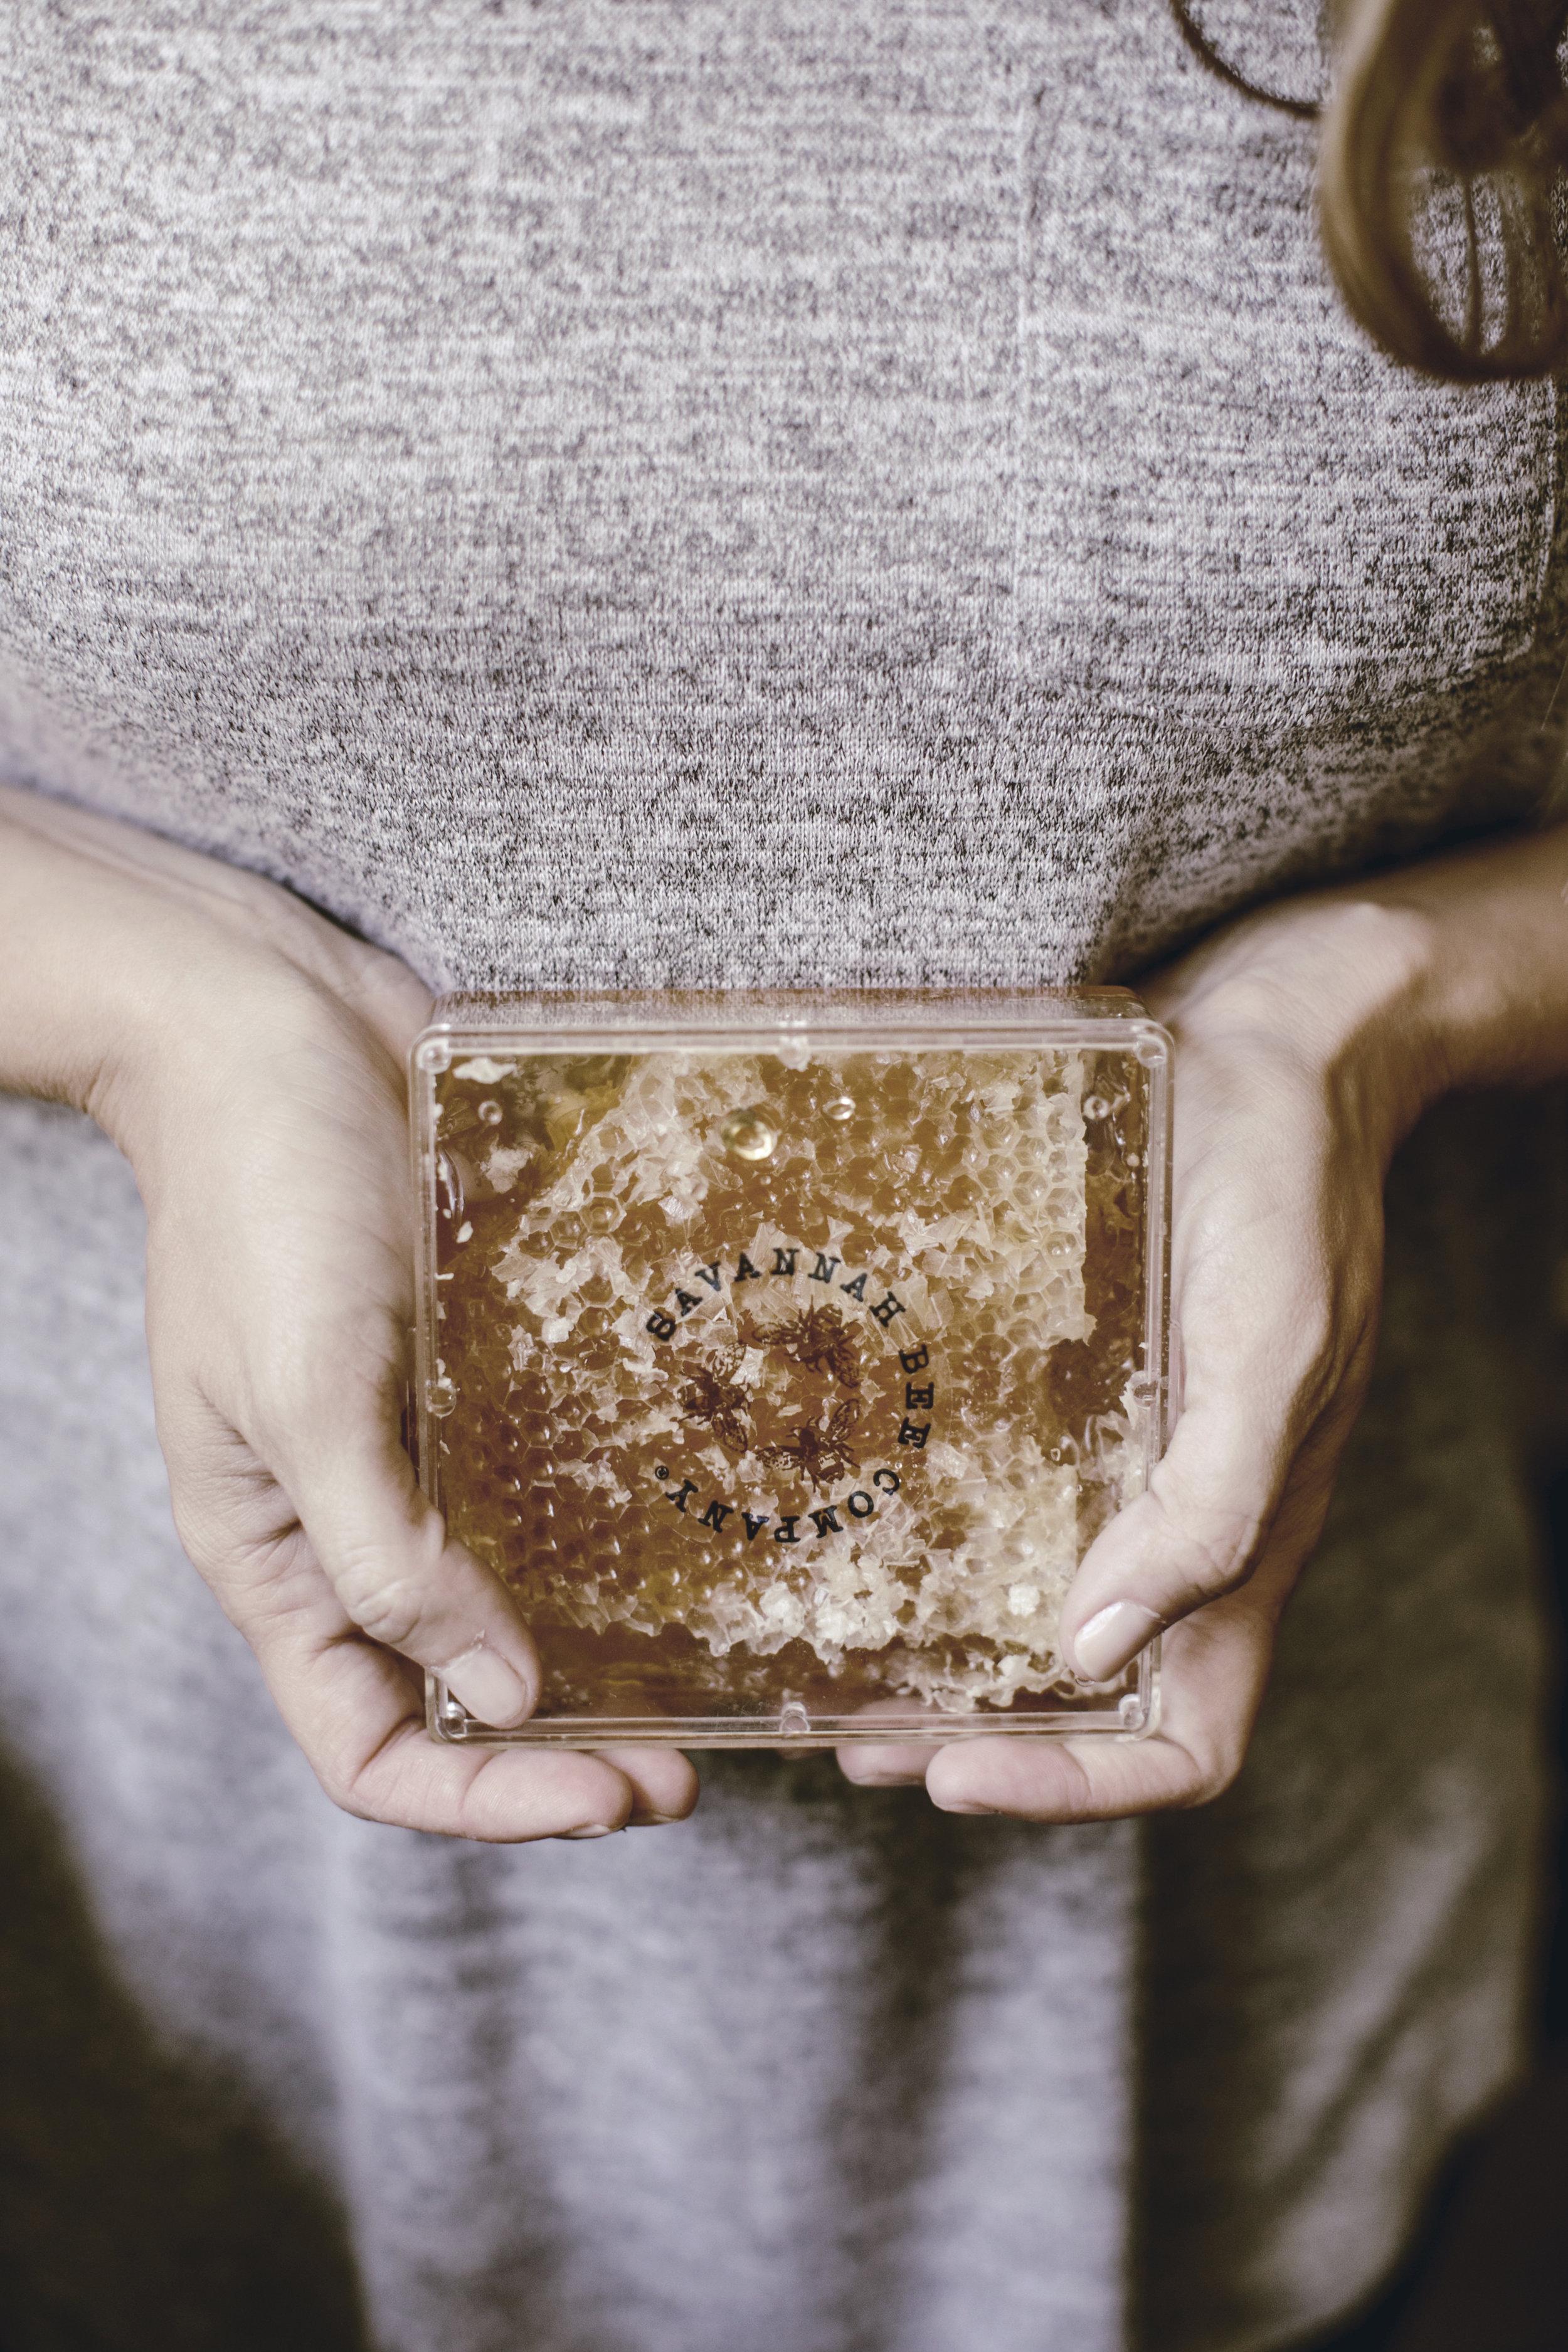 Savannah Bee Company honeycomb honey / heirloomed